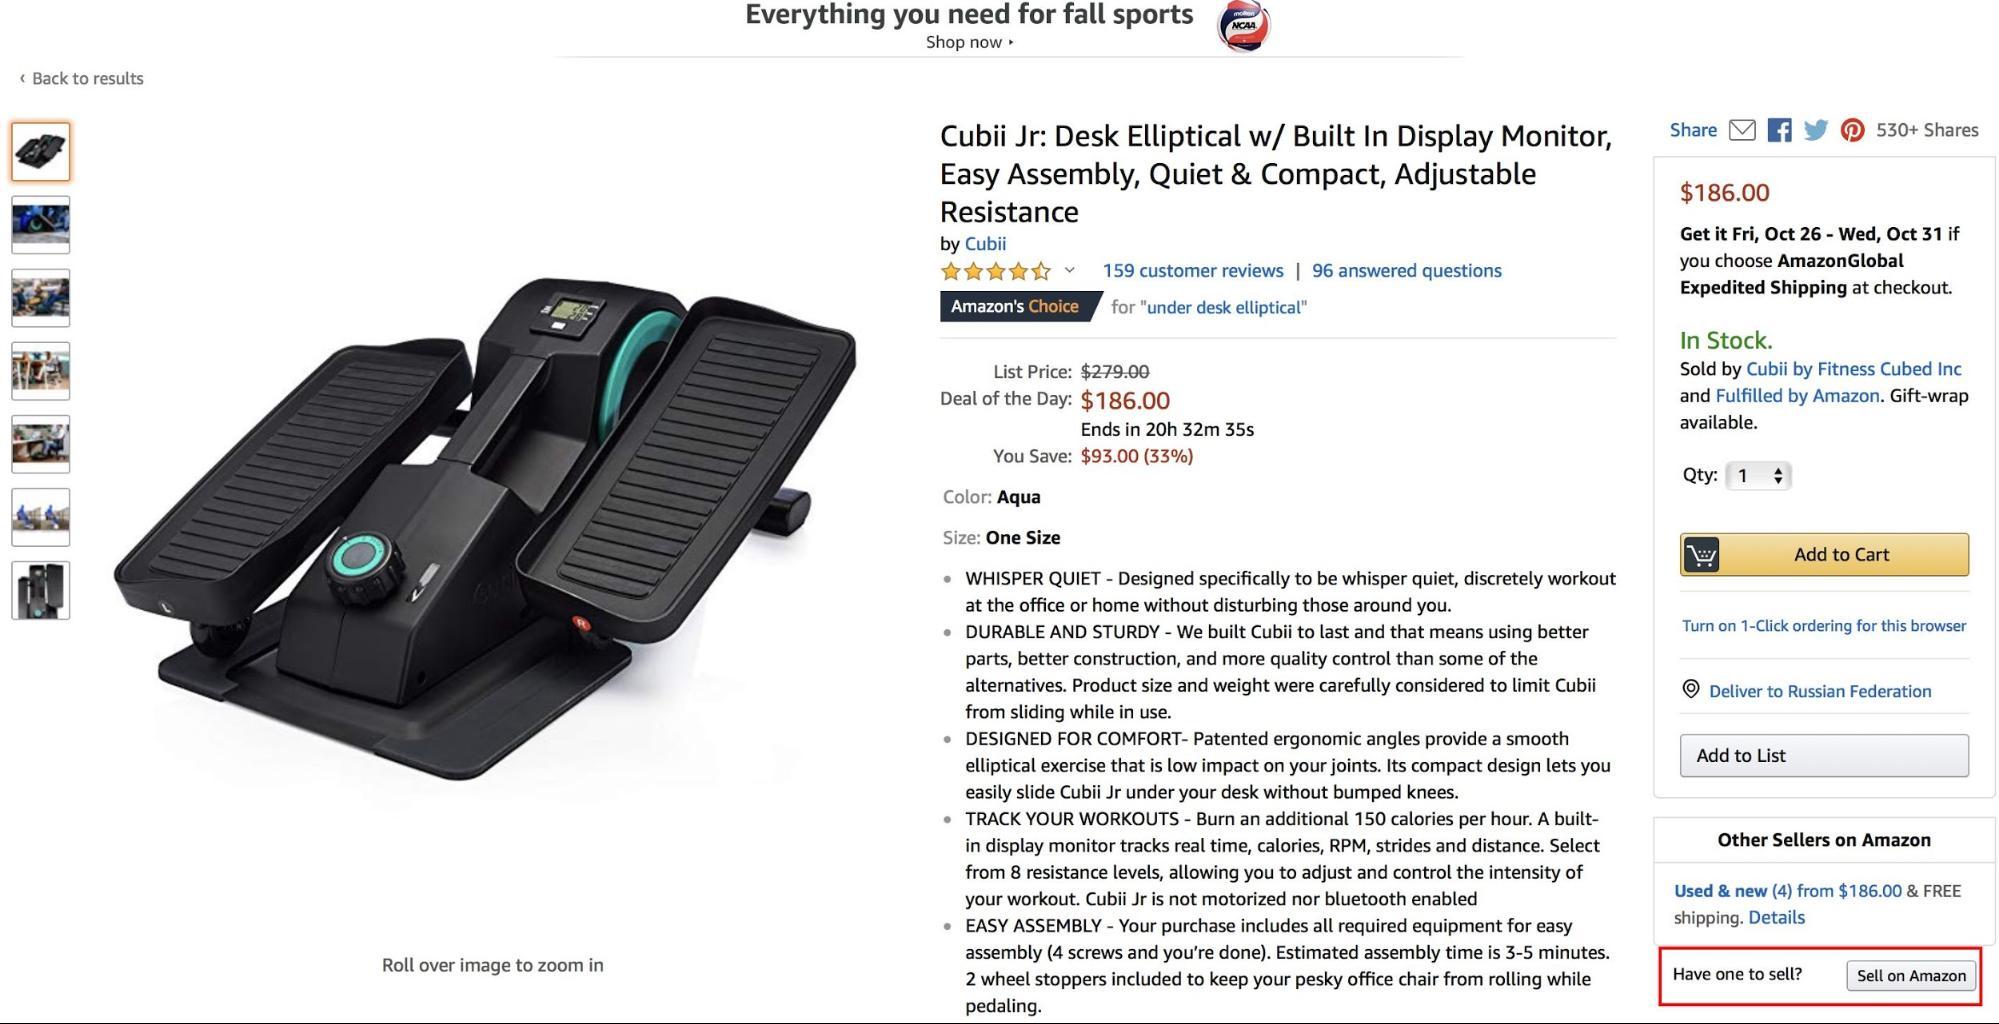 Карточка товара, справа кнопка Sell on Amazon